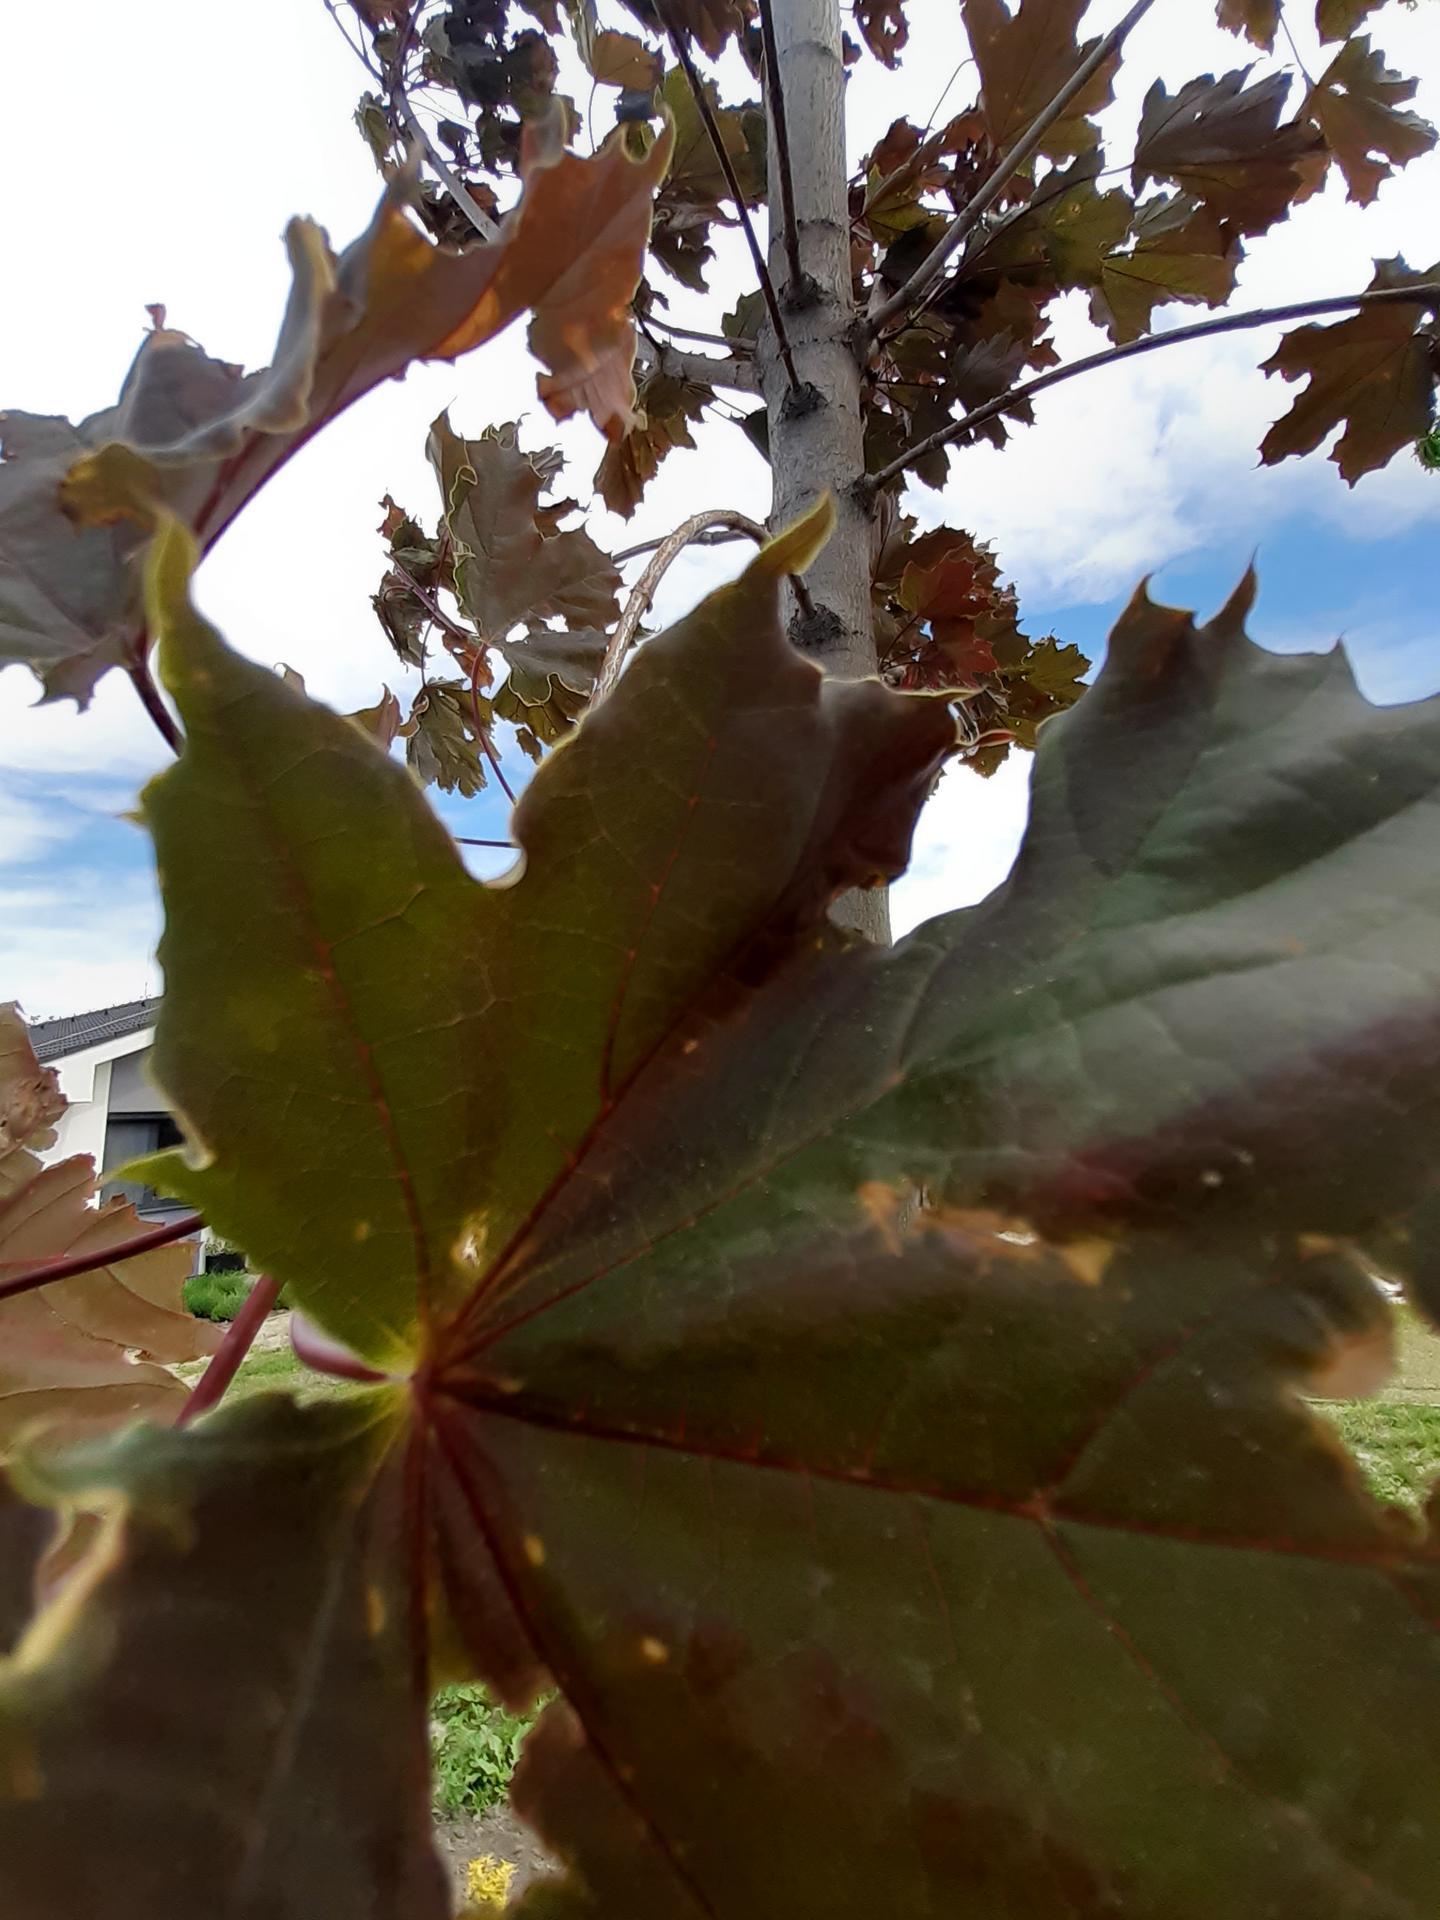 Chcela by som Vas poprosit o radu, nazor. Mame posadeny javor asi 2 mesiace, ked sme ho kupili mal bordove listy a teraz su na nom taketo skrvny a stratil aj farbu. Posadeny je na slnecnej strane, je to velky strom cca 3 m. - Obrázok č. 1